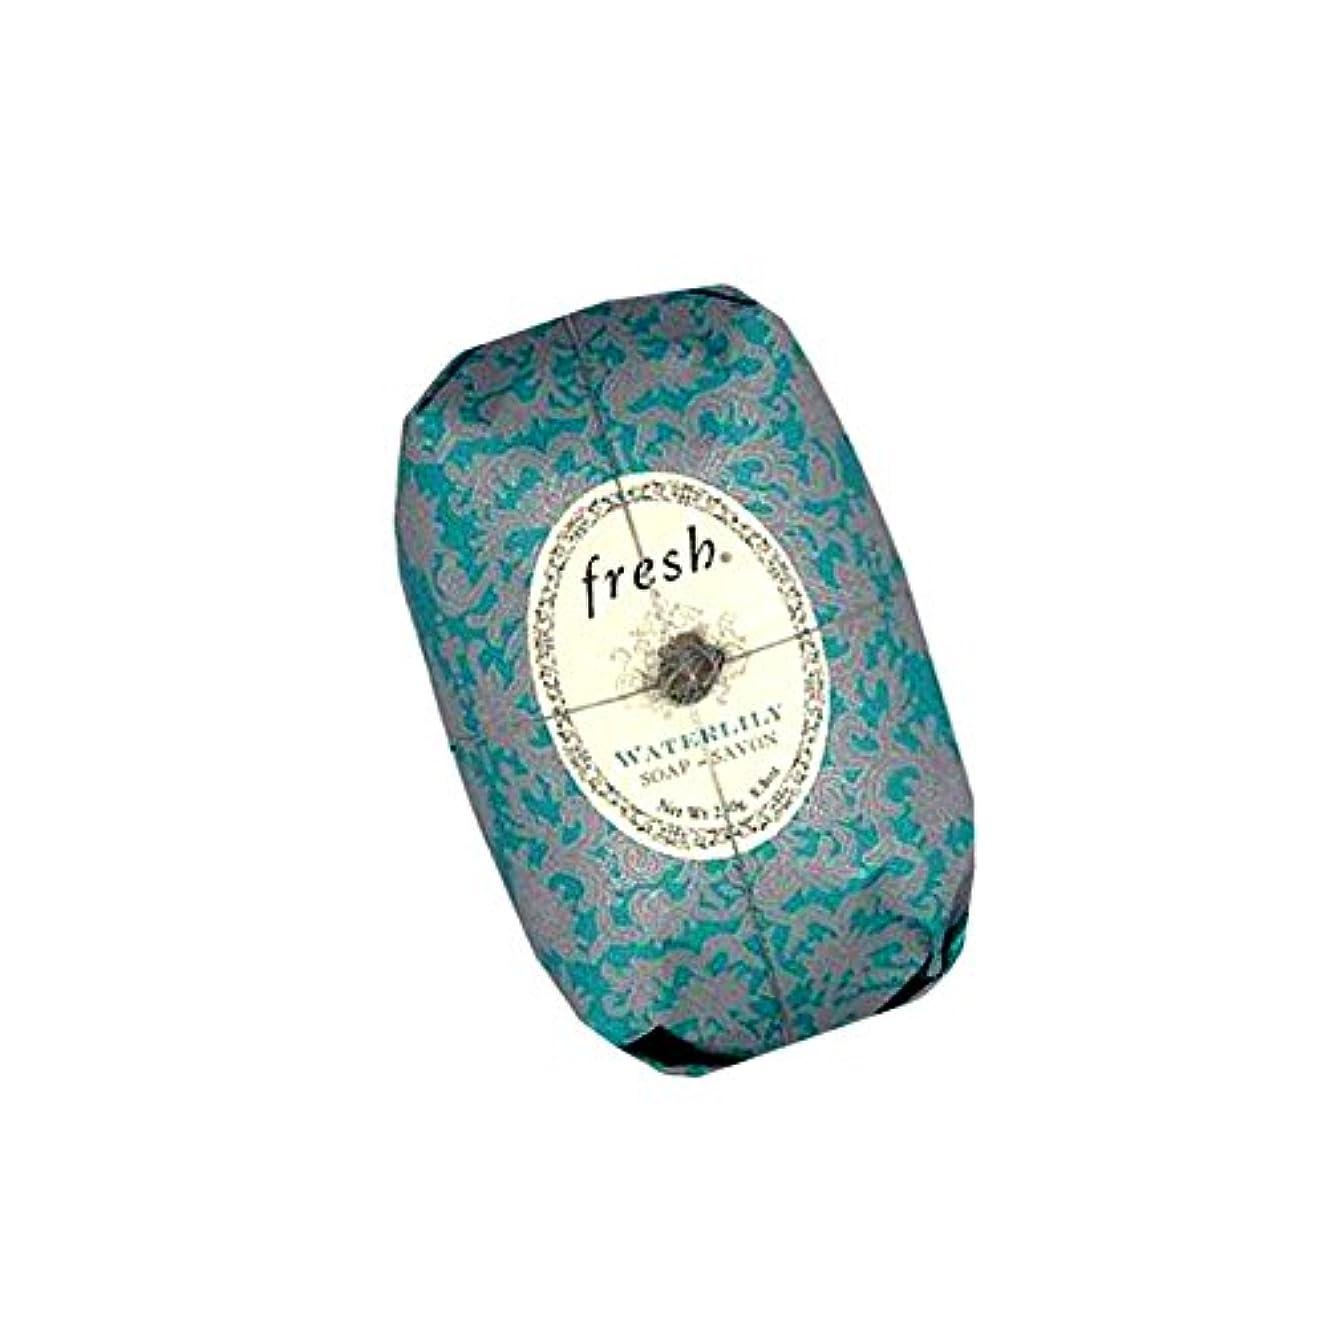 汚染する形状休憩Fresh フレッシュ Waterlily Soap 石鹸, 250g/8.8oz. [海外直送品] [並行輸入品]